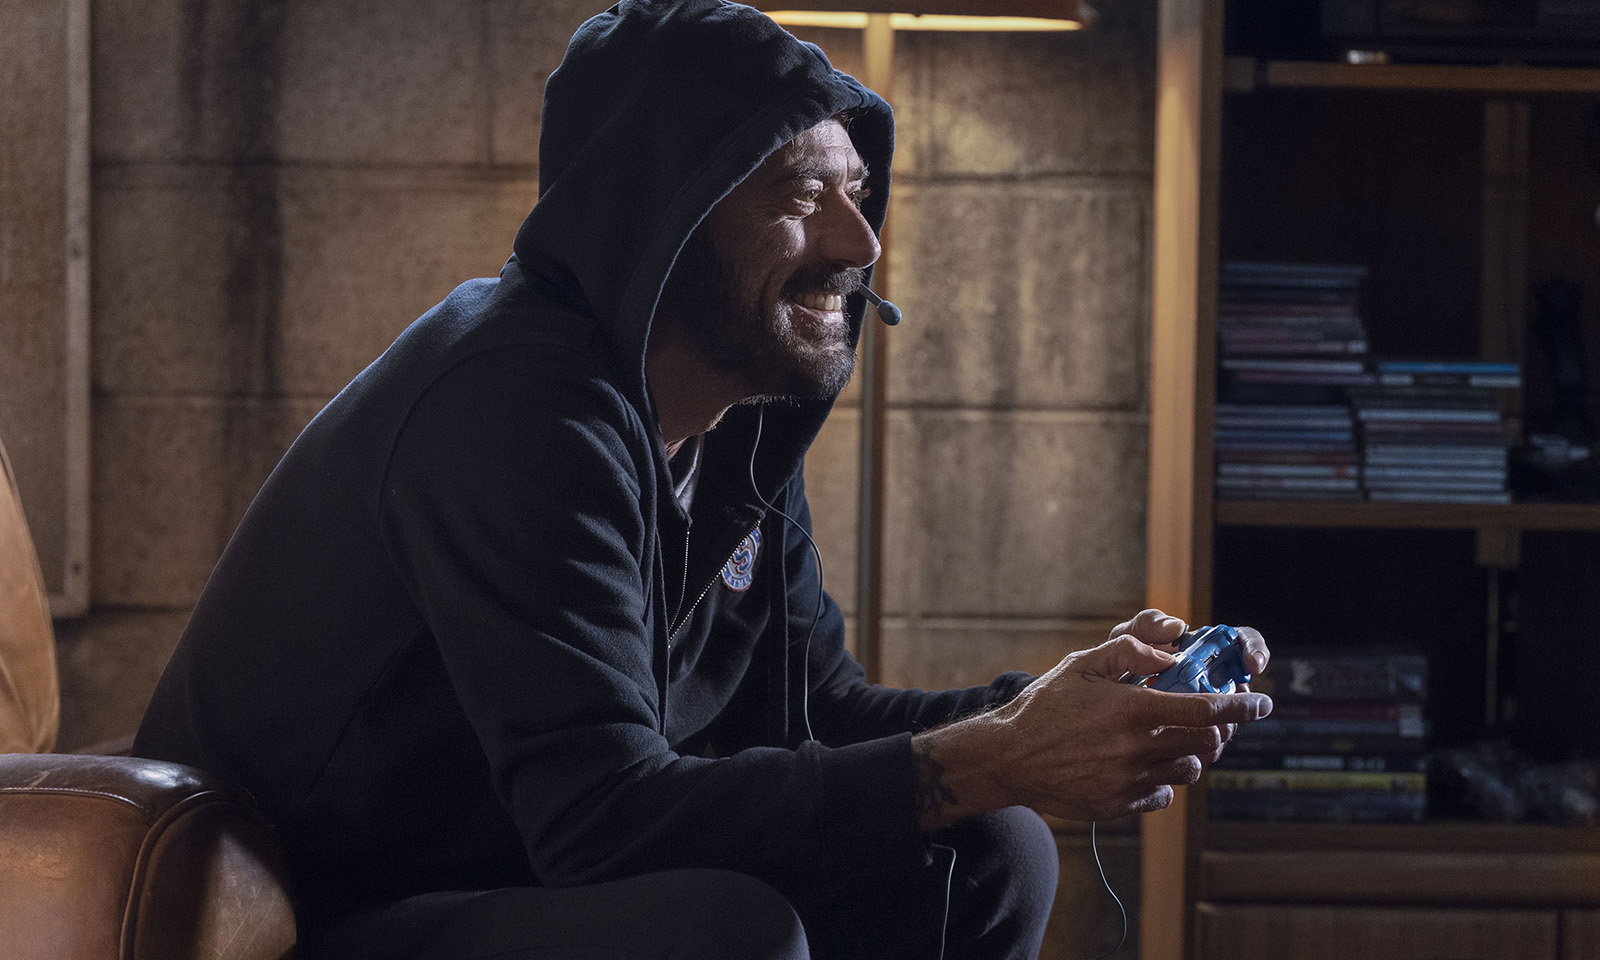 Negan jogando videogame em flashback mostrado no episódio Here's Negan da 10ª temporada de The Walking Dead